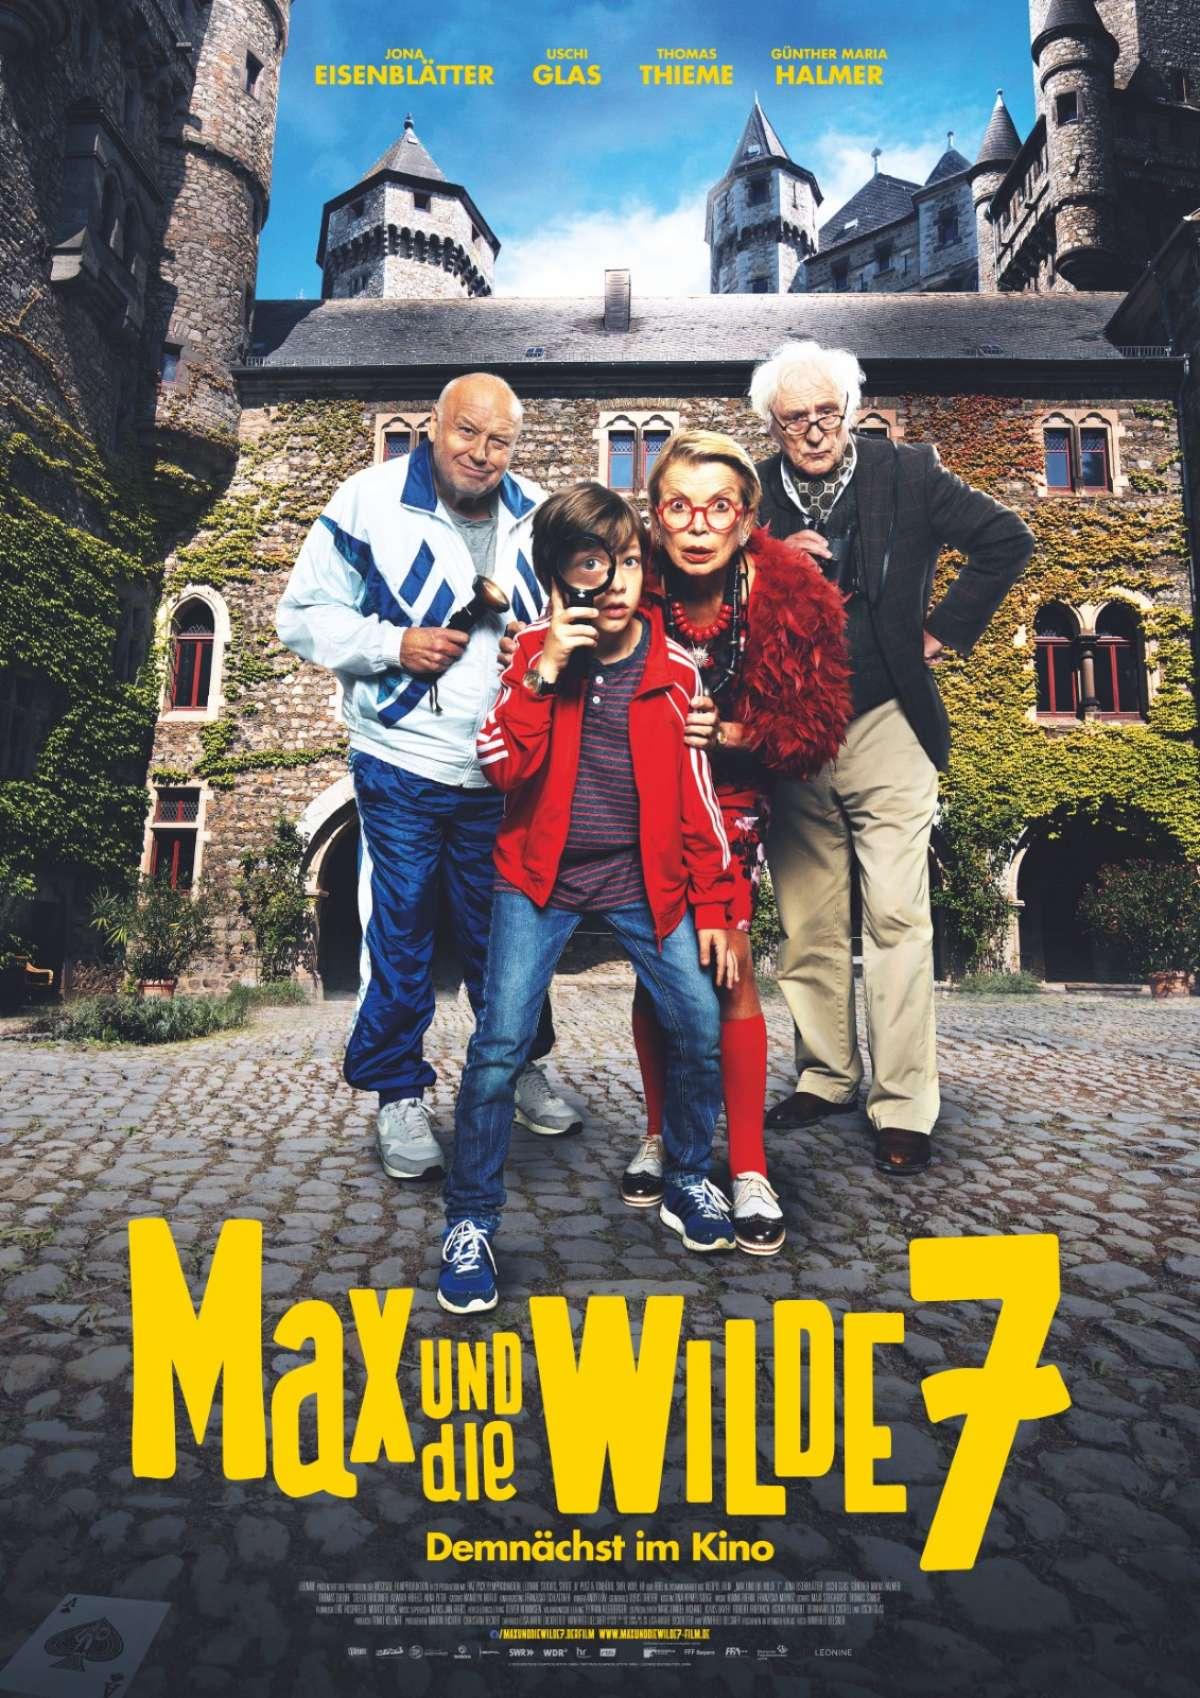 Max und die wilde 7 - Cineplex  - Baunatal